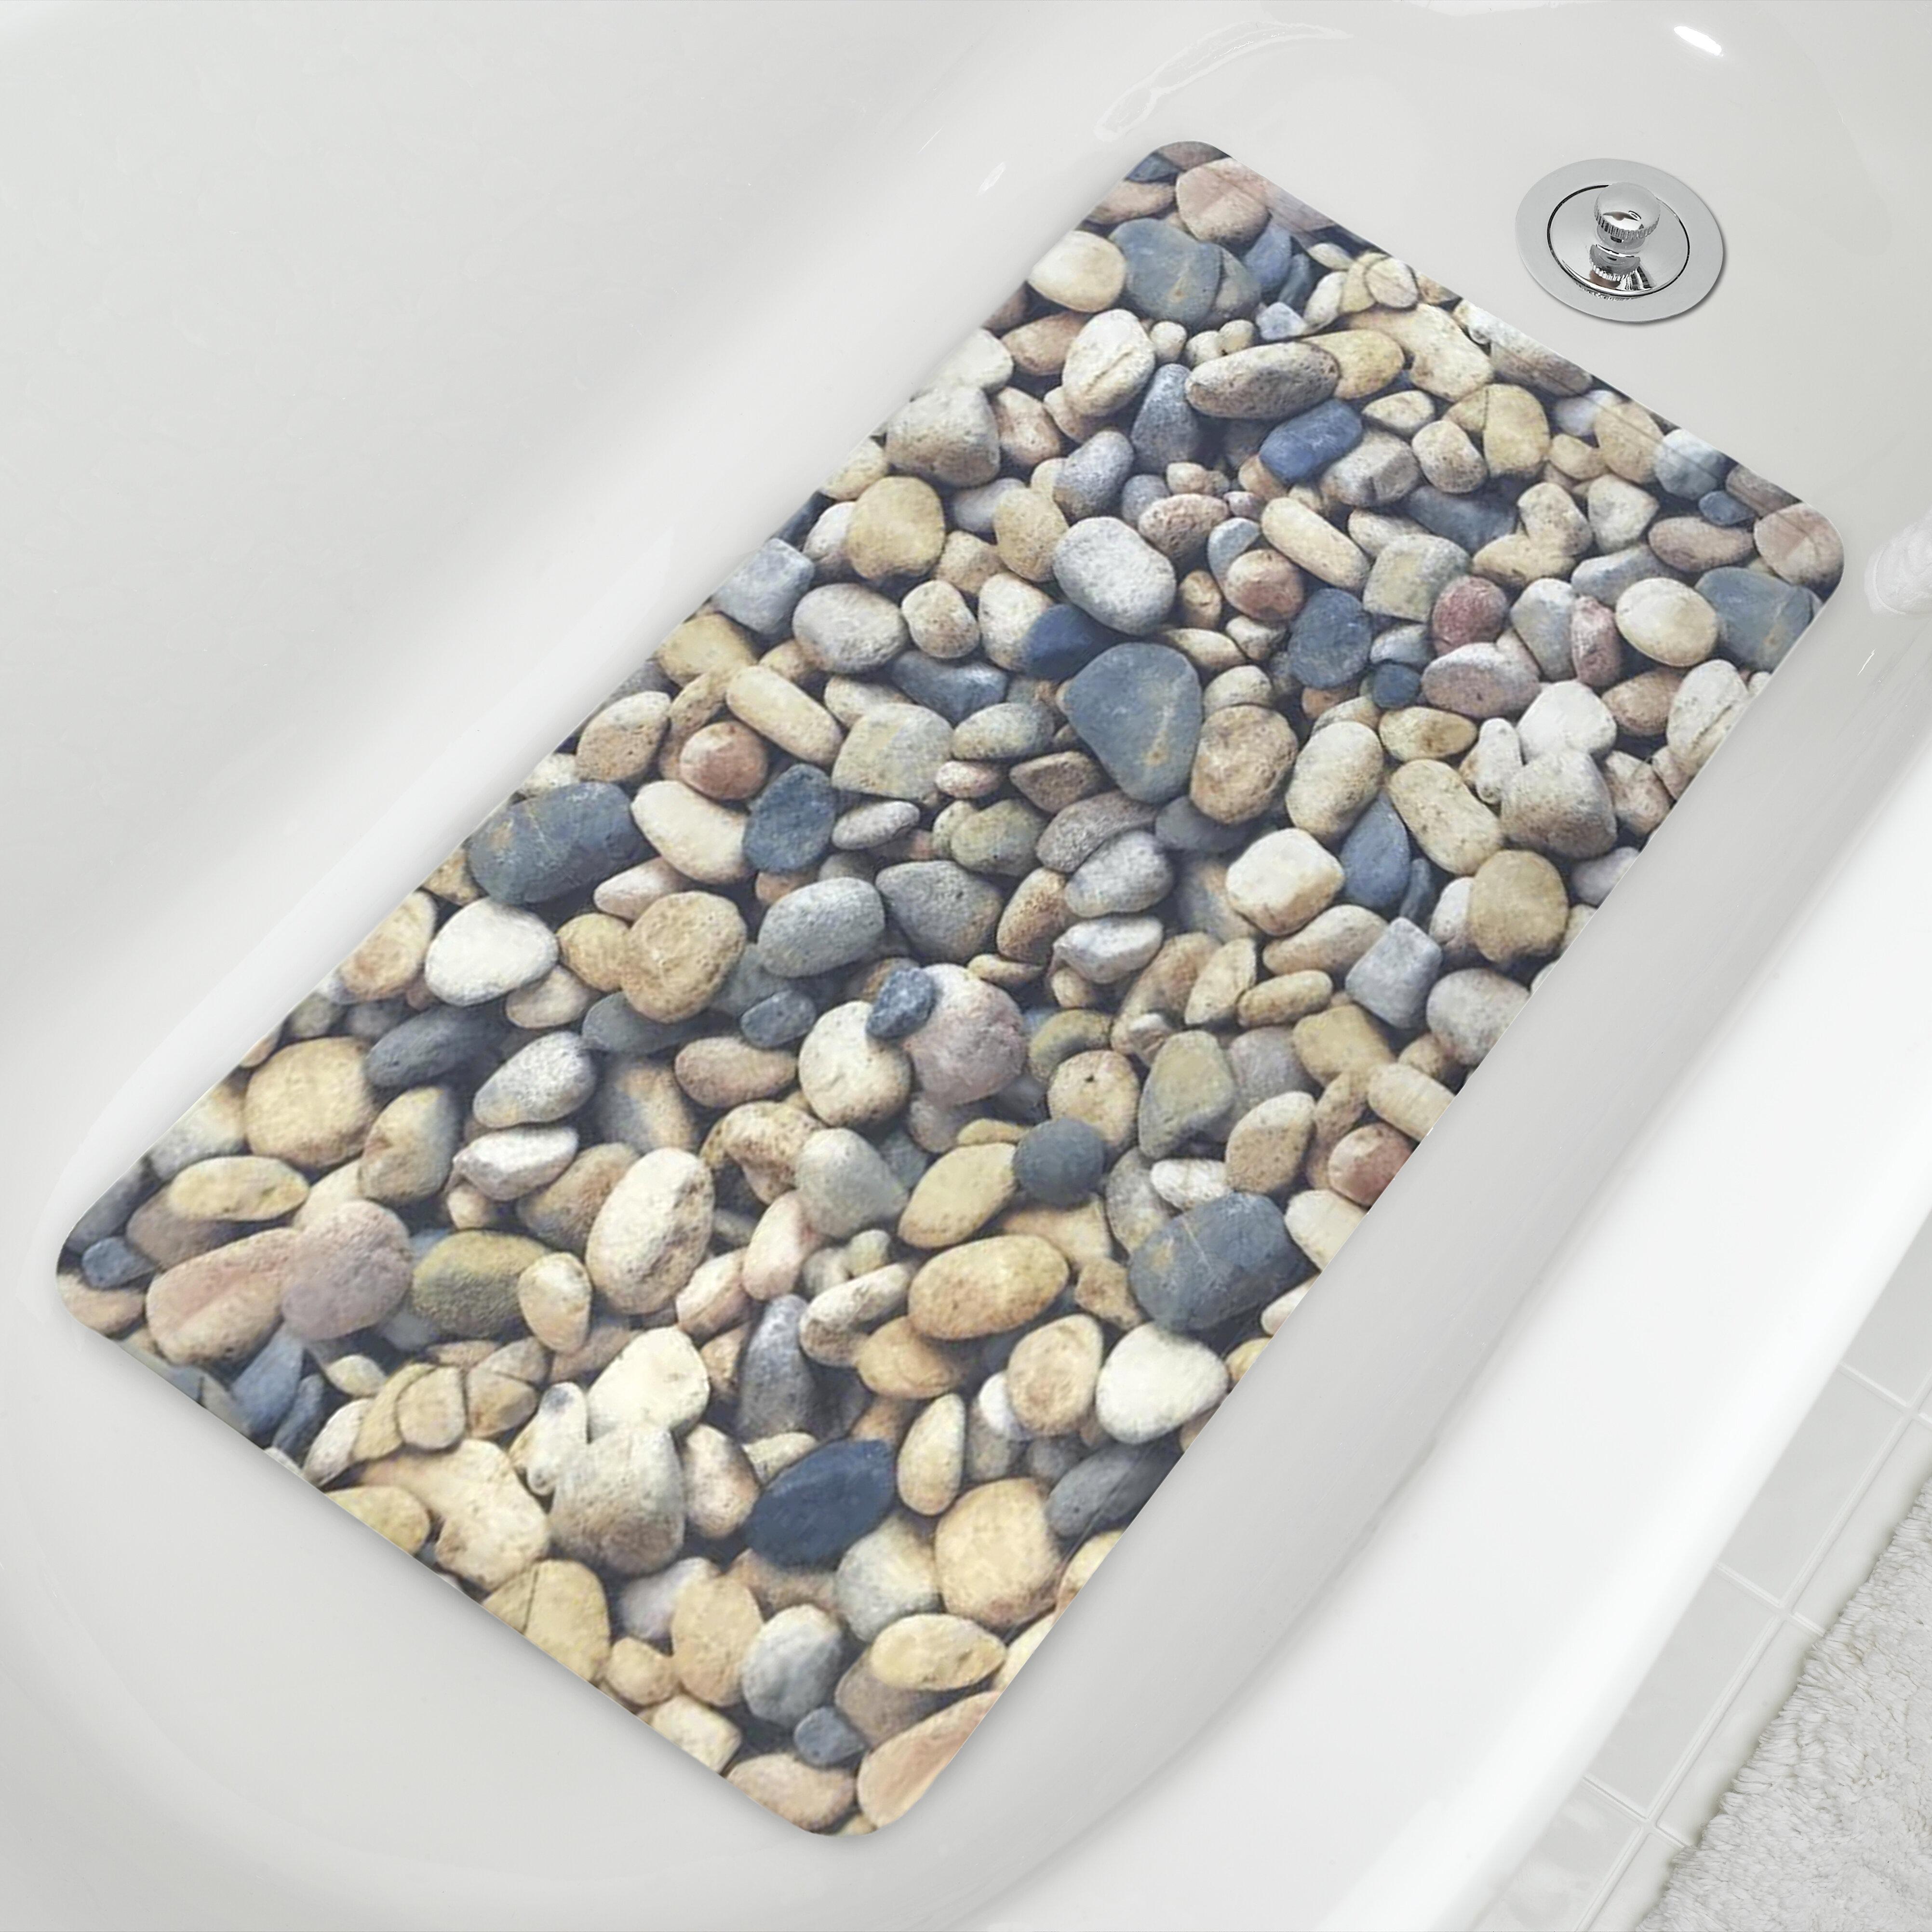 Millwood Pines Jackeline Pebble Fabric Printed Pvc Soft Bathtub